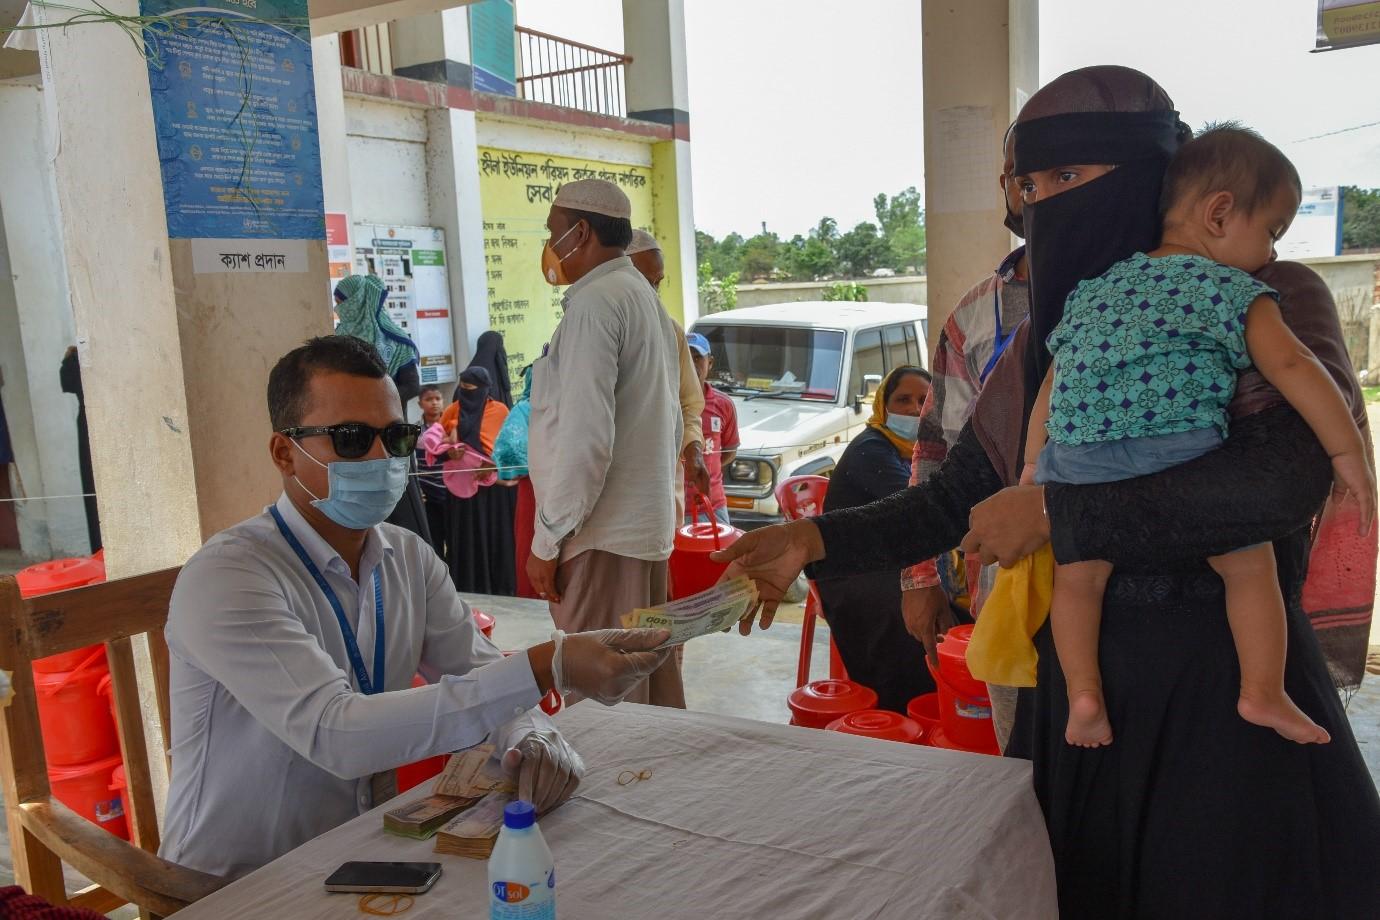 কক্সবাজার জেলায় ১১হাজার ১২০ দরিদ্র পরিবারে ৩৮ কোটি ৯ লাখ টাকা বিতরন করবে UNDP